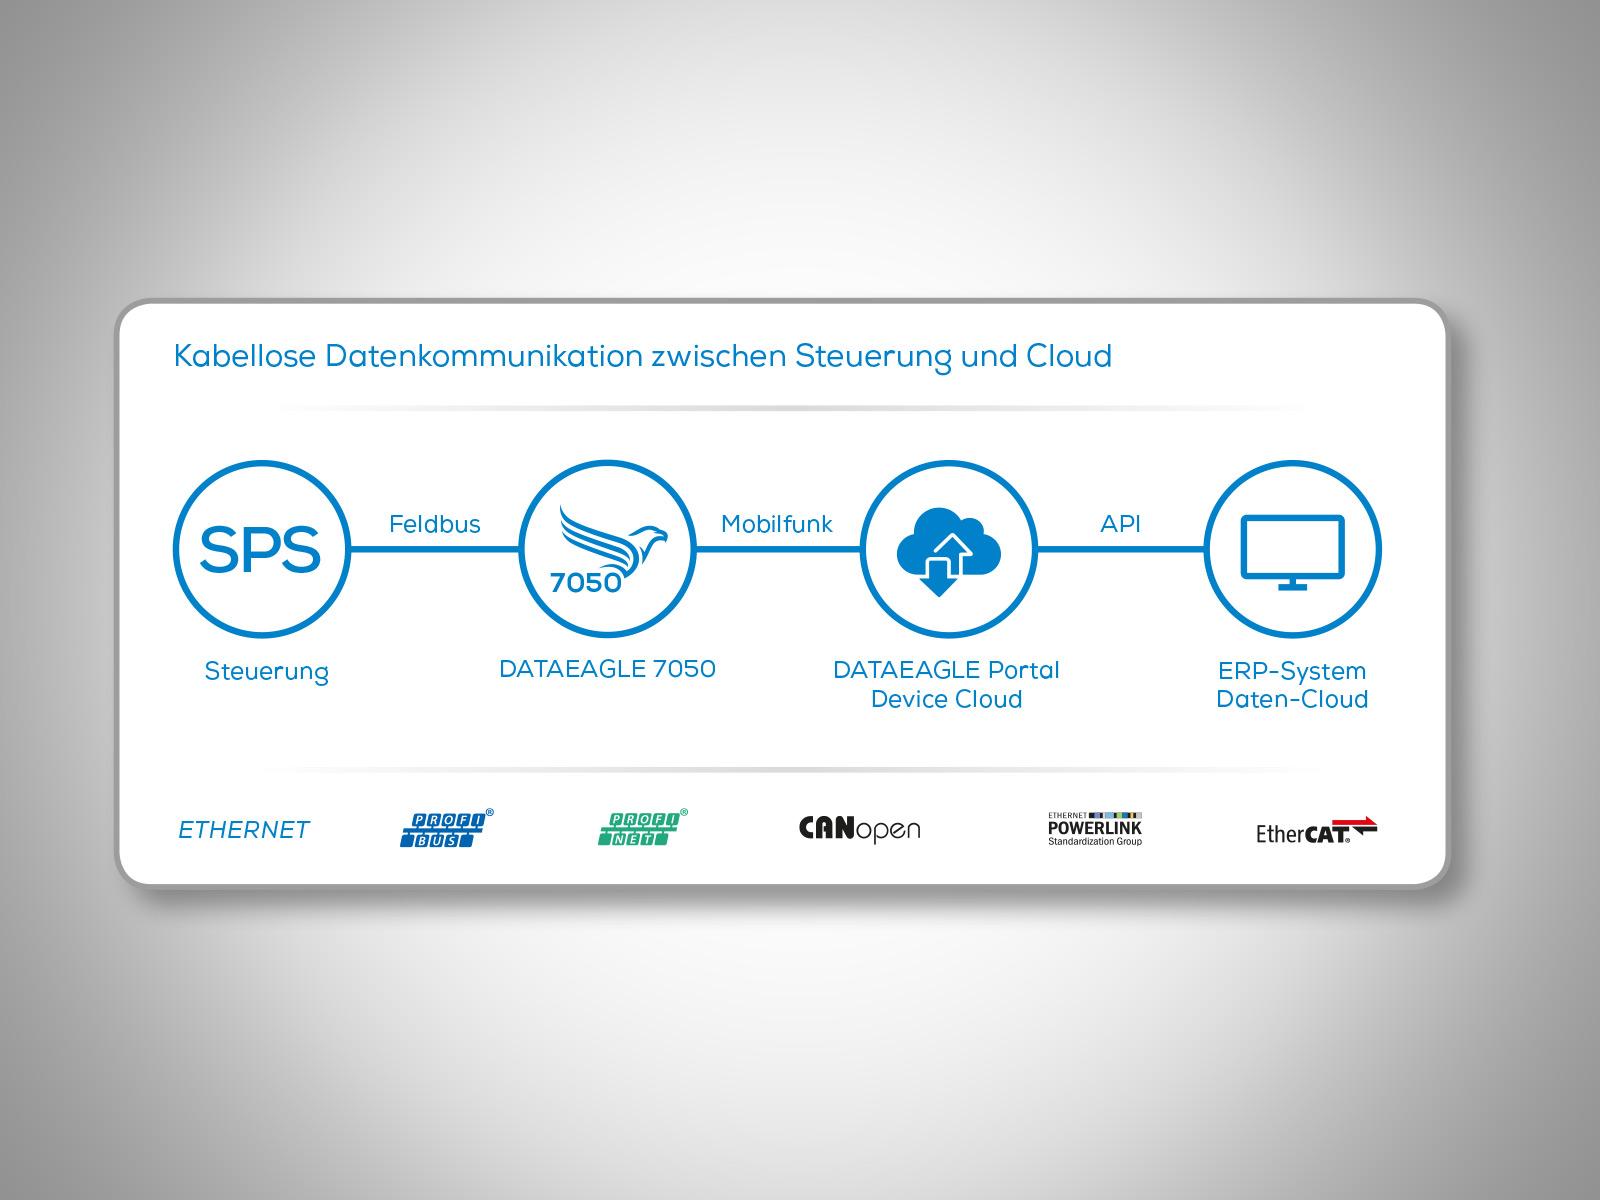 IoT Edge Gateway DATAEAGLE 7050 • Kabellose Datenkommunikation zwischen Steuerung und Cloud